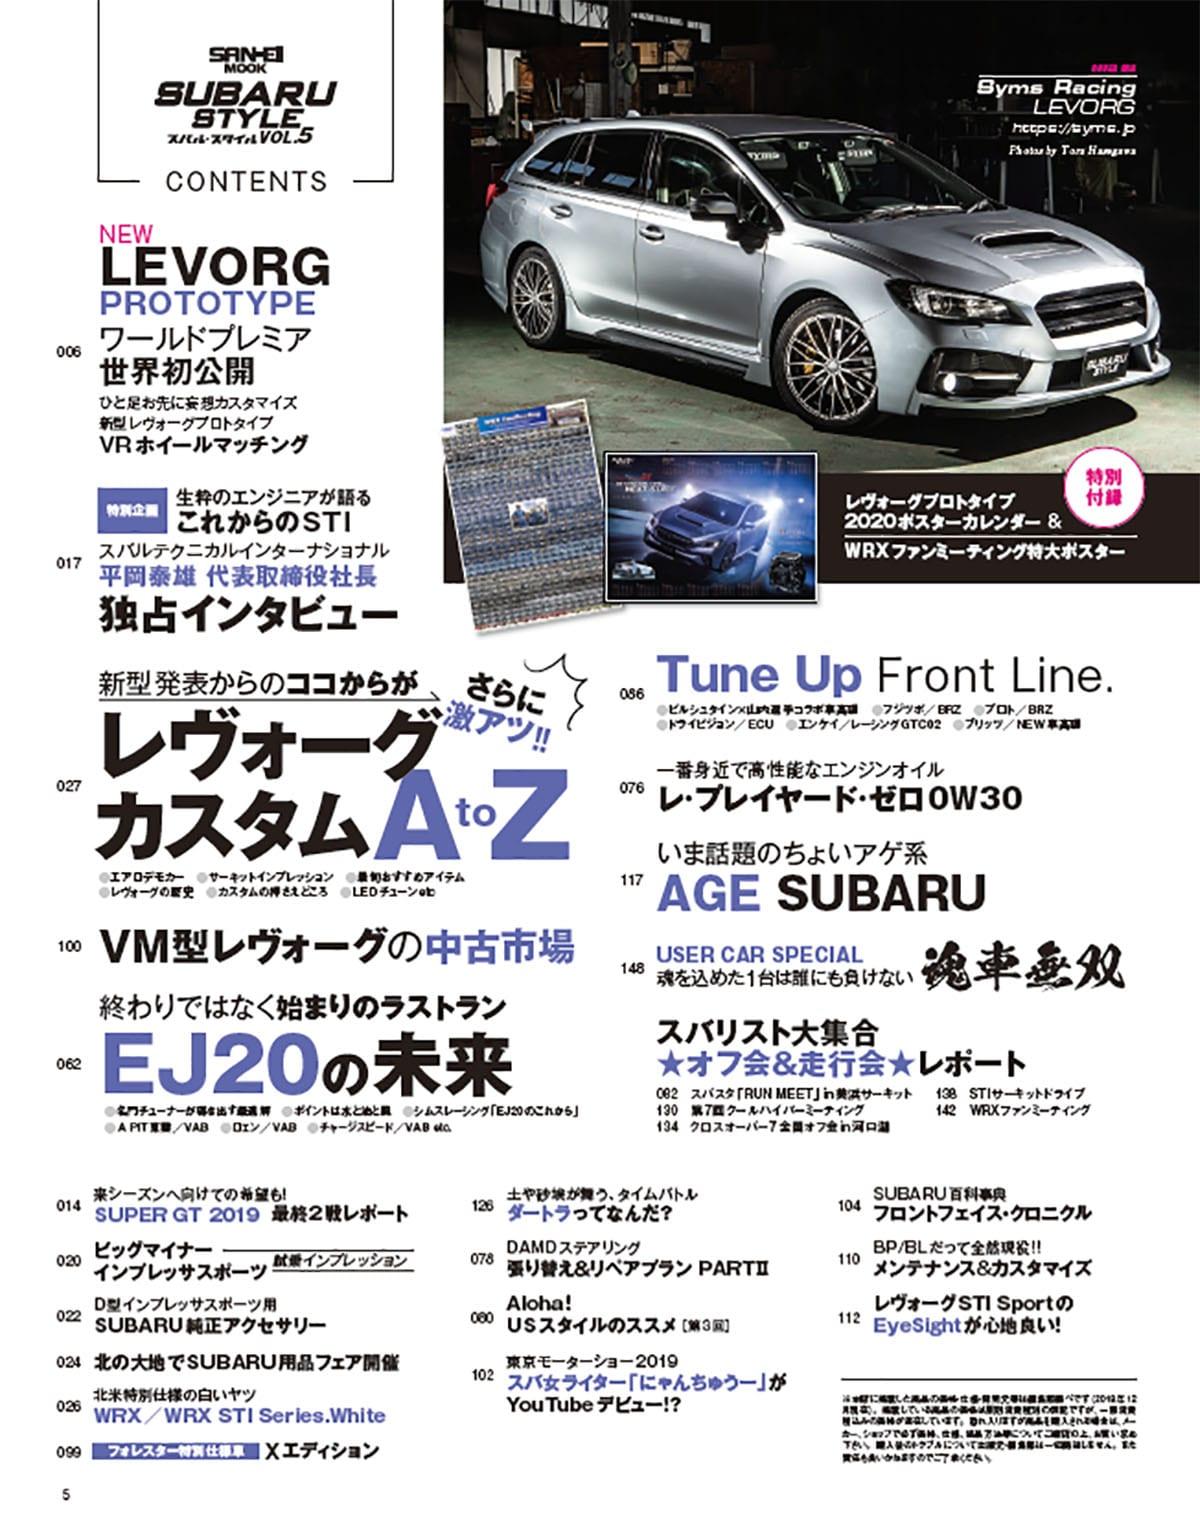 発売されるといいな♪ スバルのデザイン部が企画・監修する新型レヴォーグのミニカー! スバ女ライター「にゃんちゅうー」がスバルネタをチェック!【東京オートサロン2020】